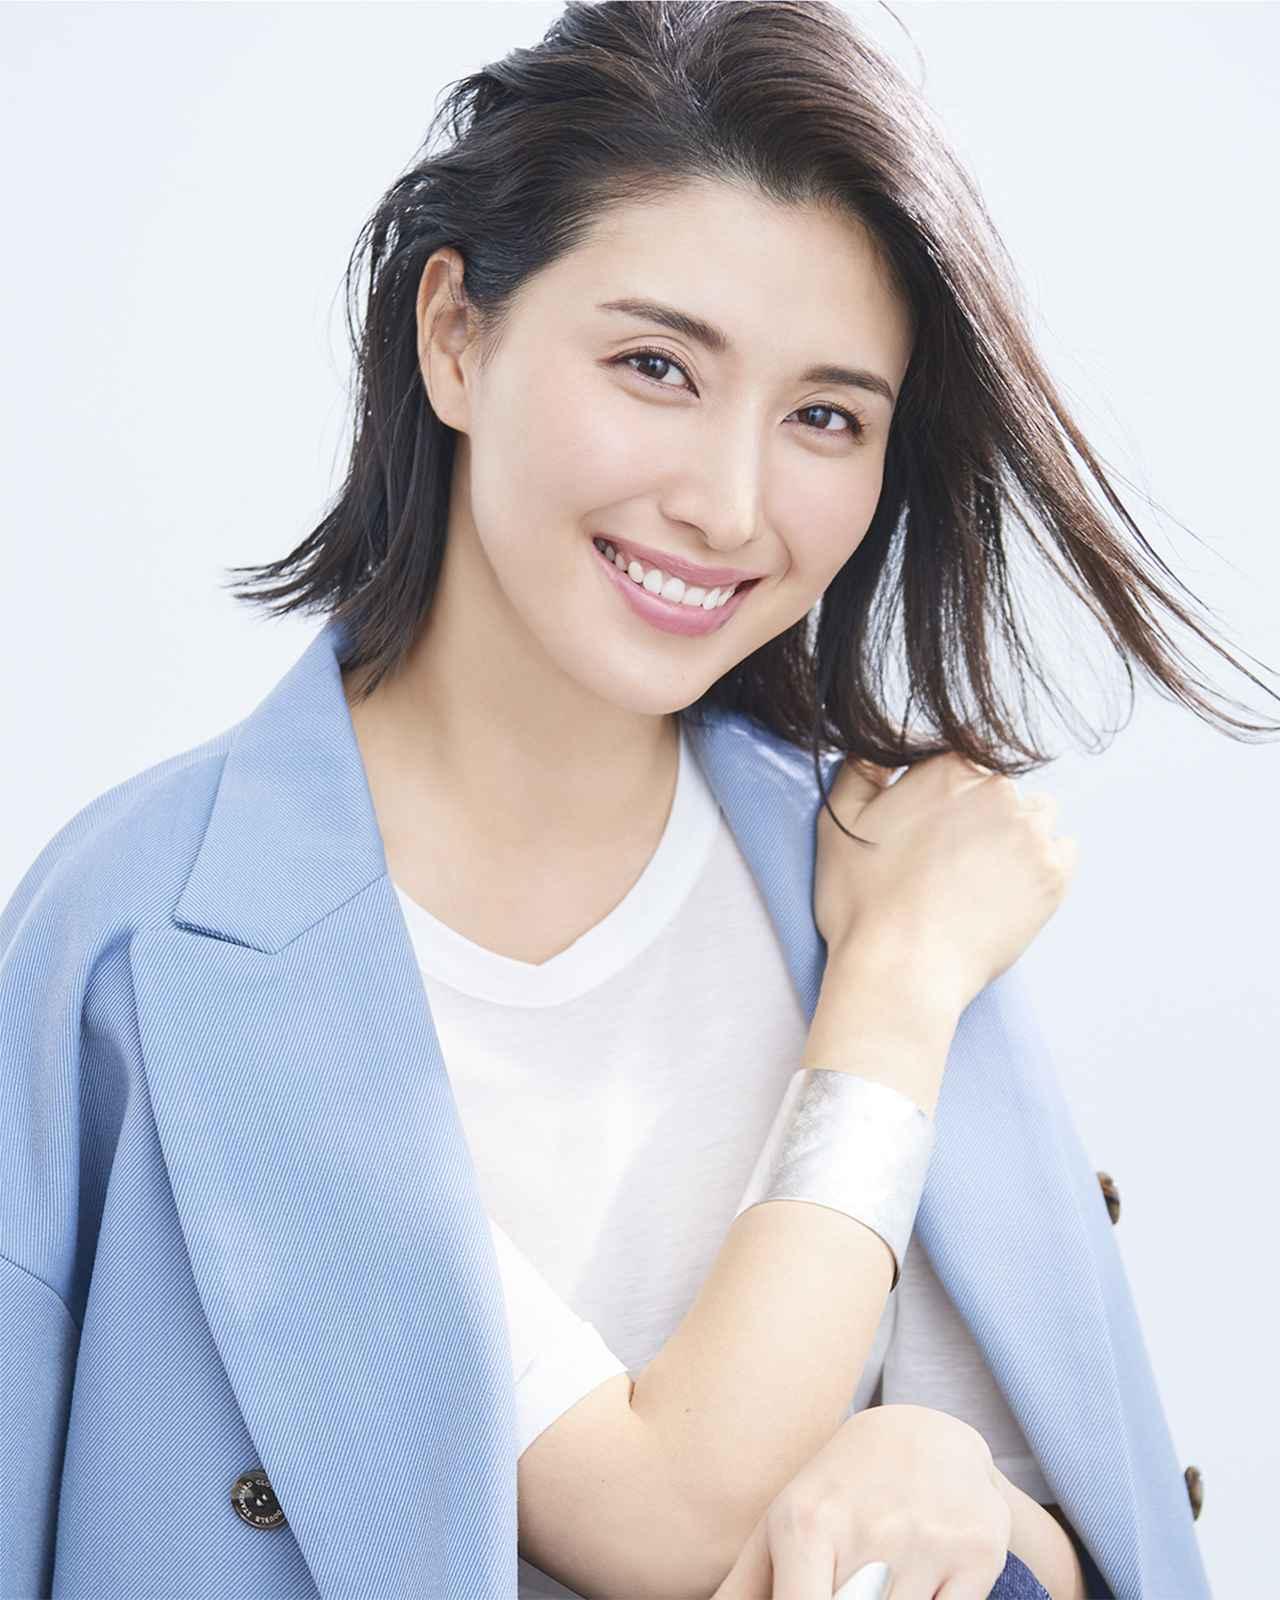 画像4: 峯田和伸(銀杏 BOYZ)×橋本マナミ出演 映画『越年 Lovers』12月に公開が決定